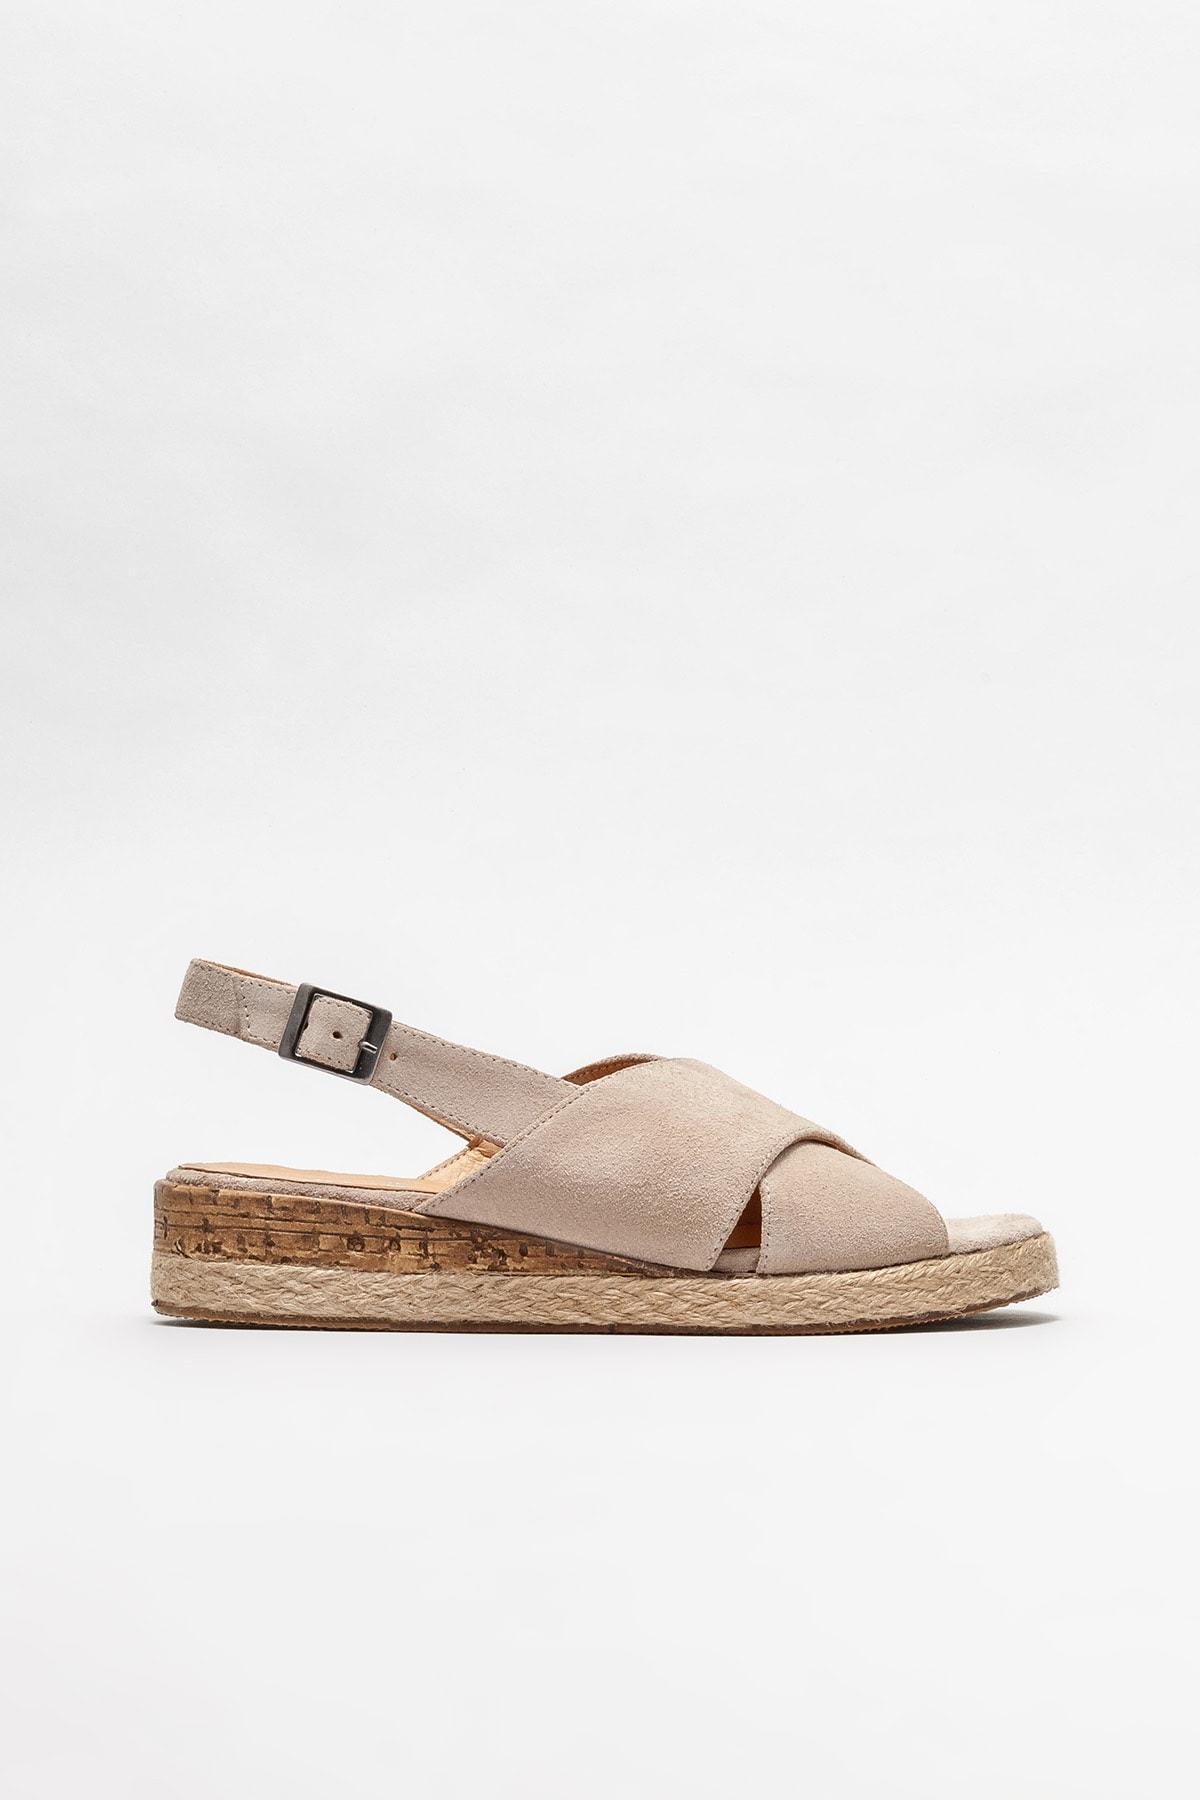 Kadın Bej Deri Dolgu Topuklu Sandalet